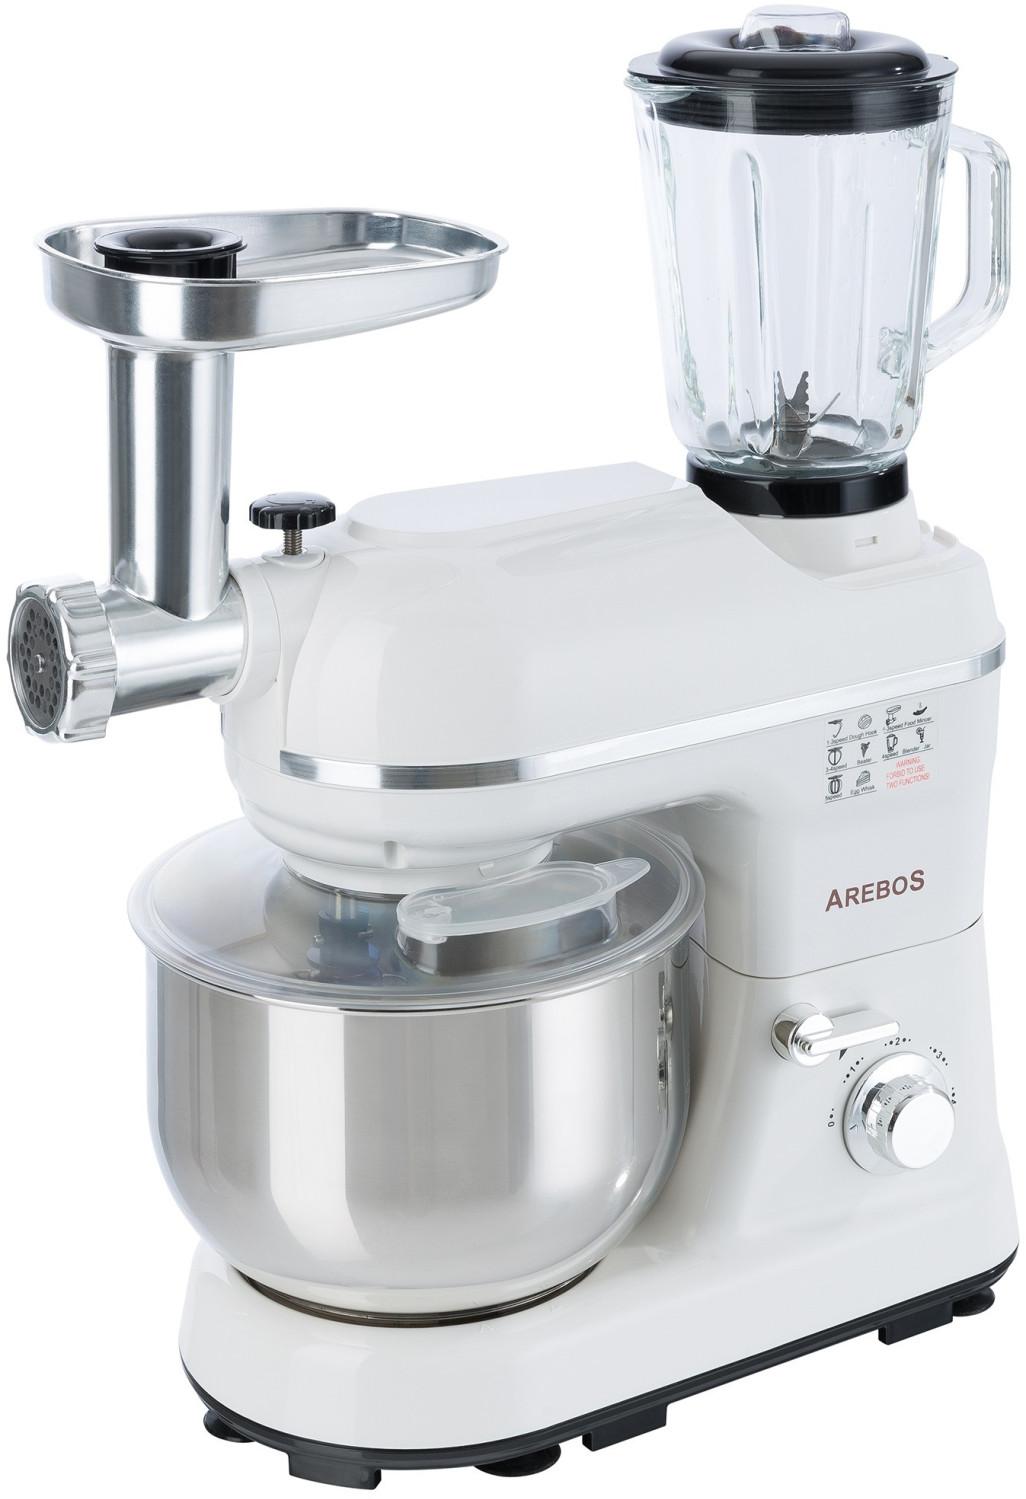 Vorschaubild von Arebos Küchenmaschine